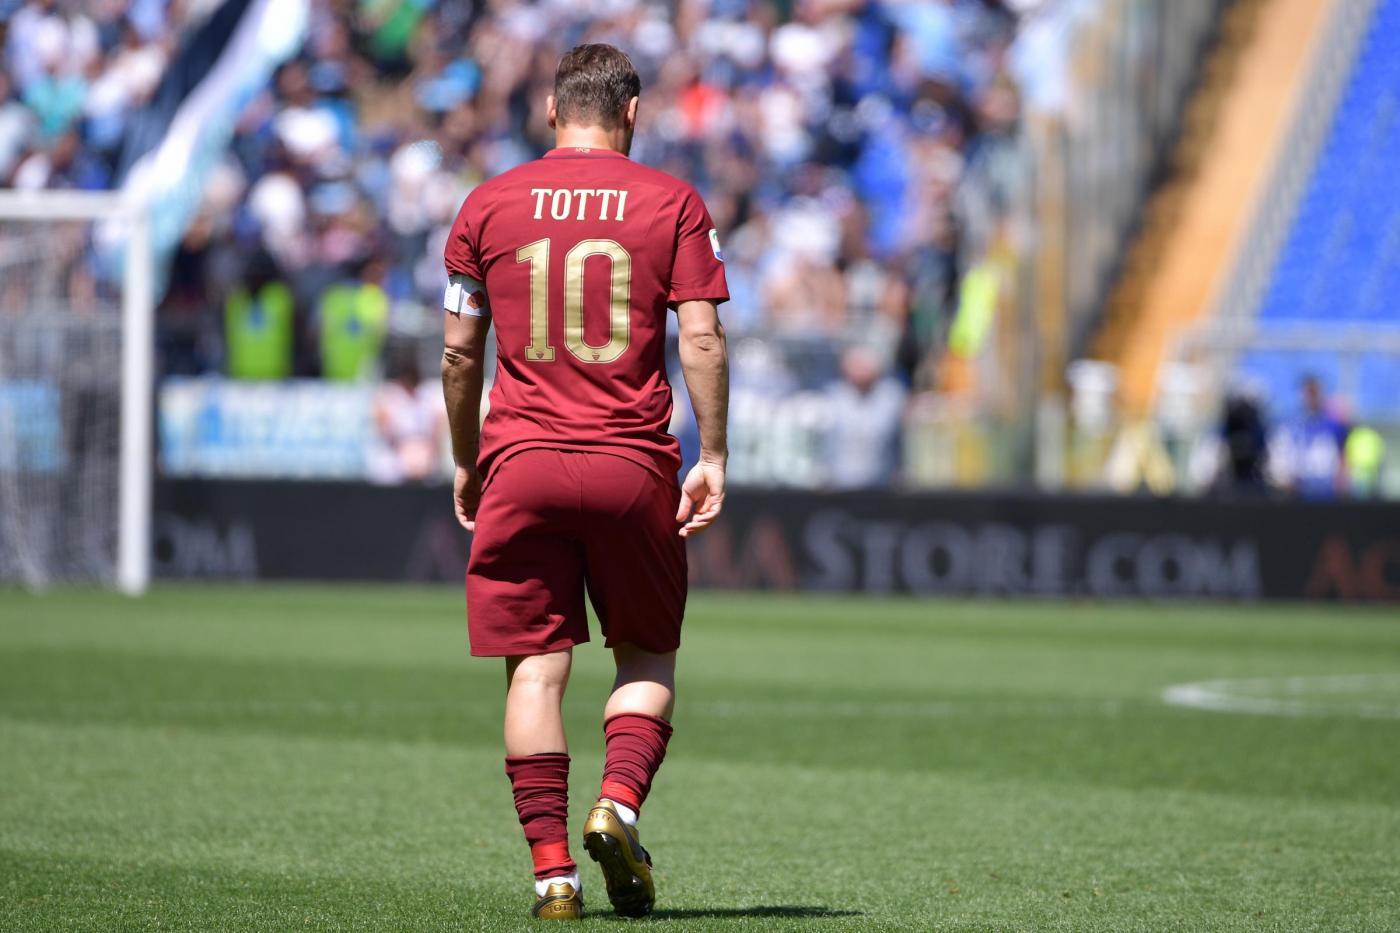 Riflessione : L'addio di Totti..